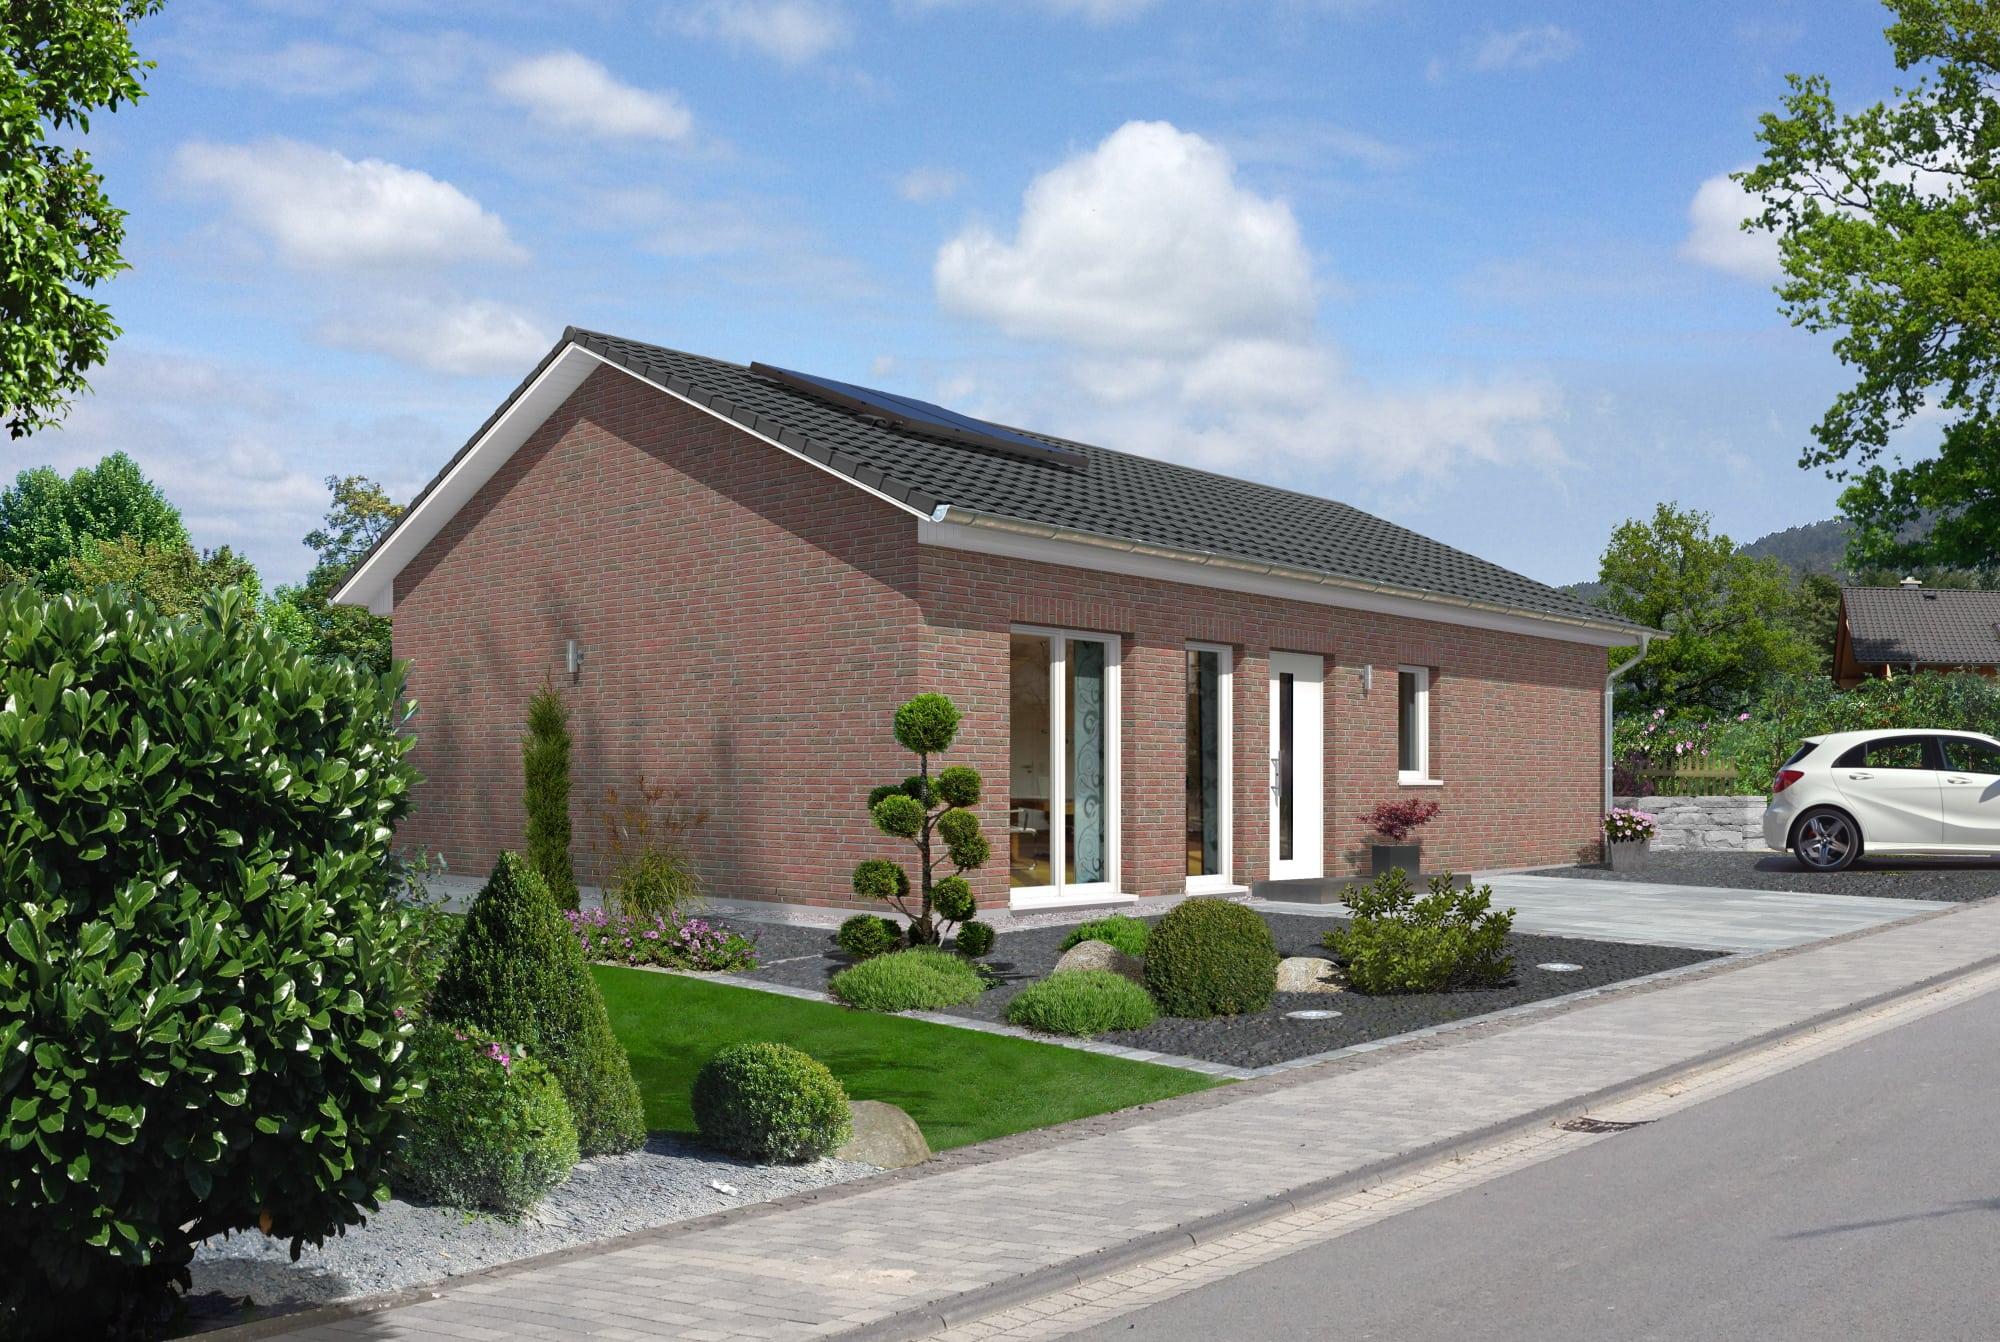 Bungalow Haus mit Klinker Fassade & Satteldach Architektur - Massivhaus schlüsselfertig bauen Ideen Town Country Haus BUNGALOW 100 - HausbauDirekt.de